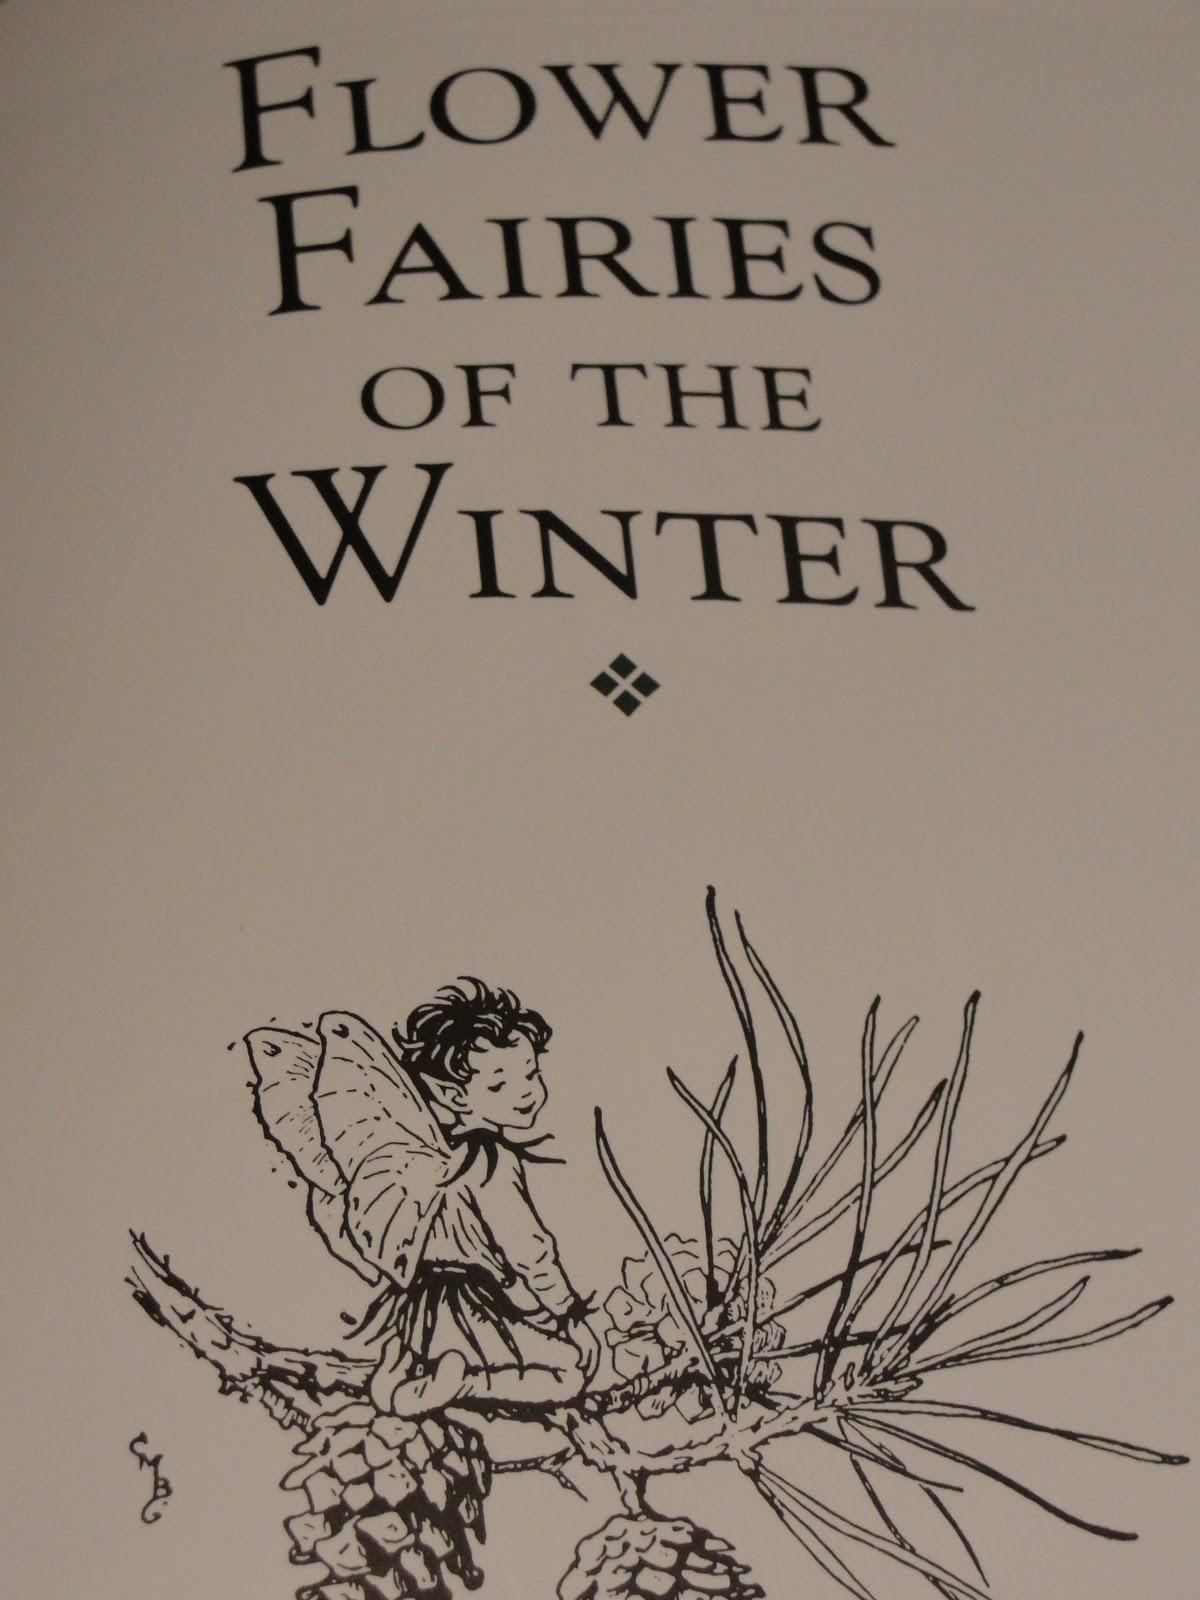 welcoming winter fairies into our garden